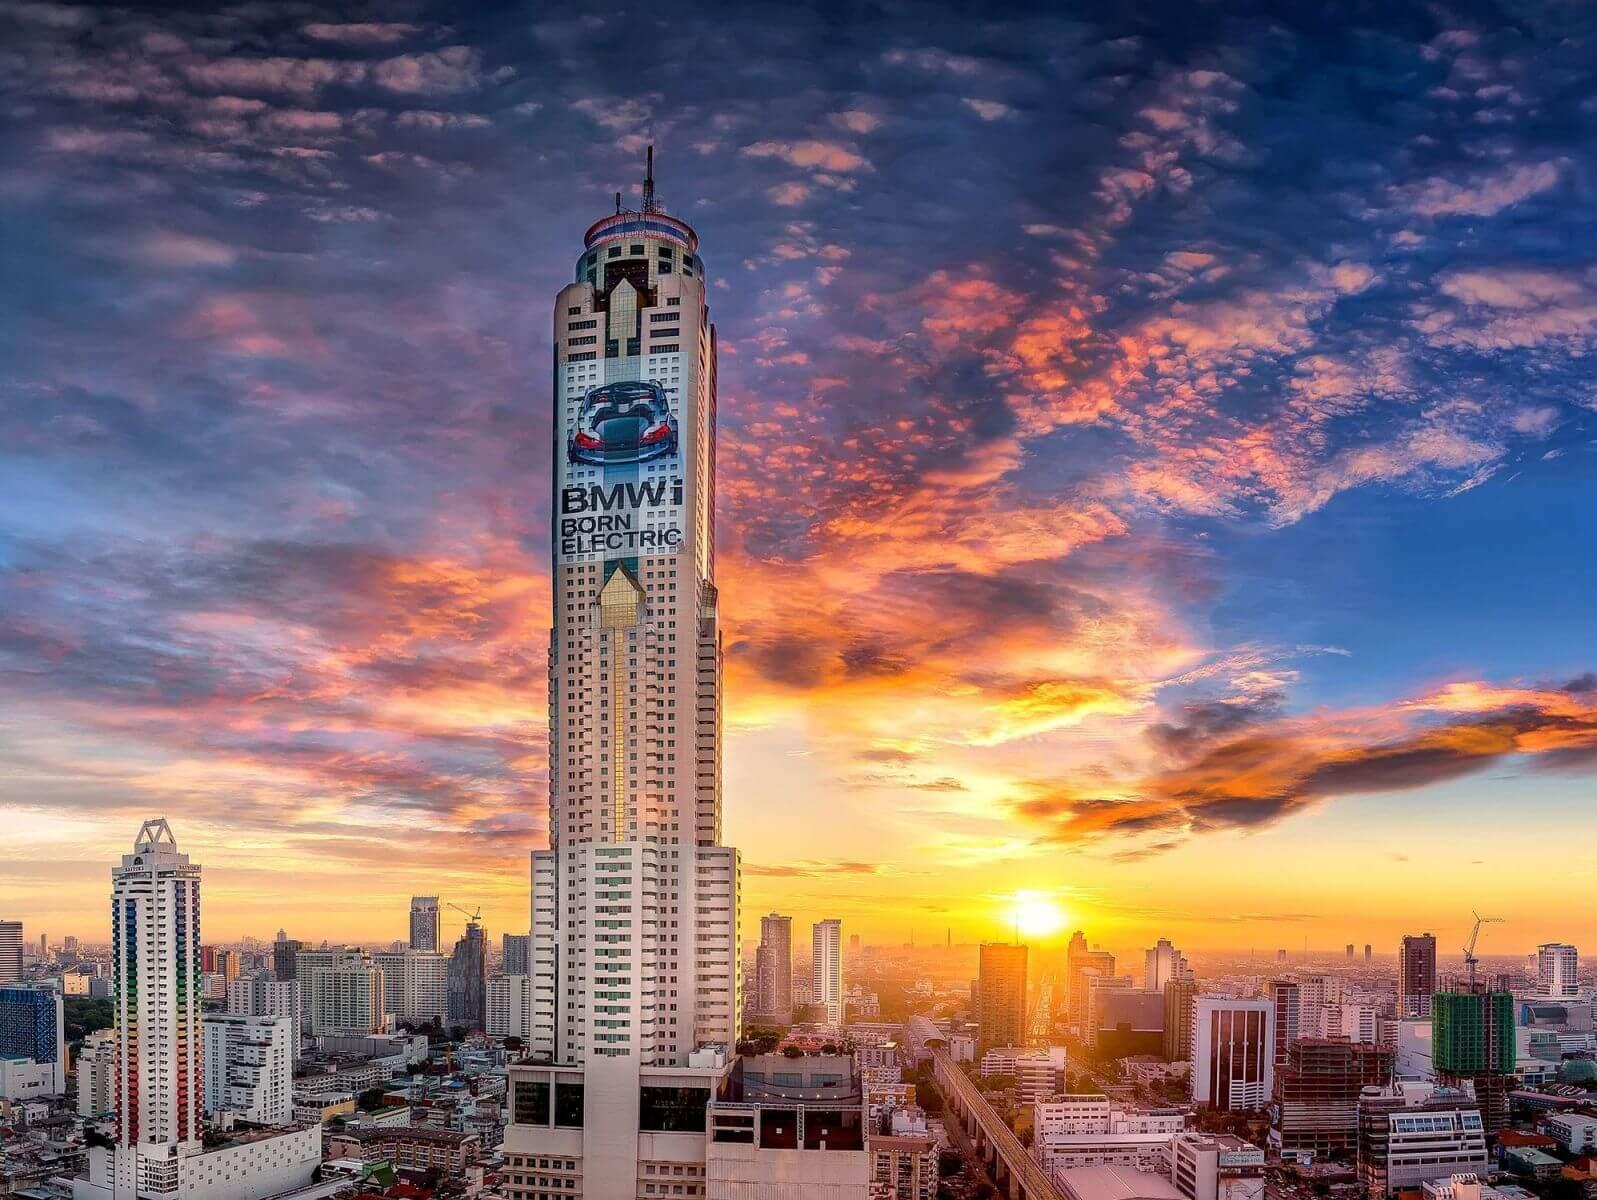 Tour du lịch Thái Lan 5 ngày 4 đêm có gì hấp dẫn?